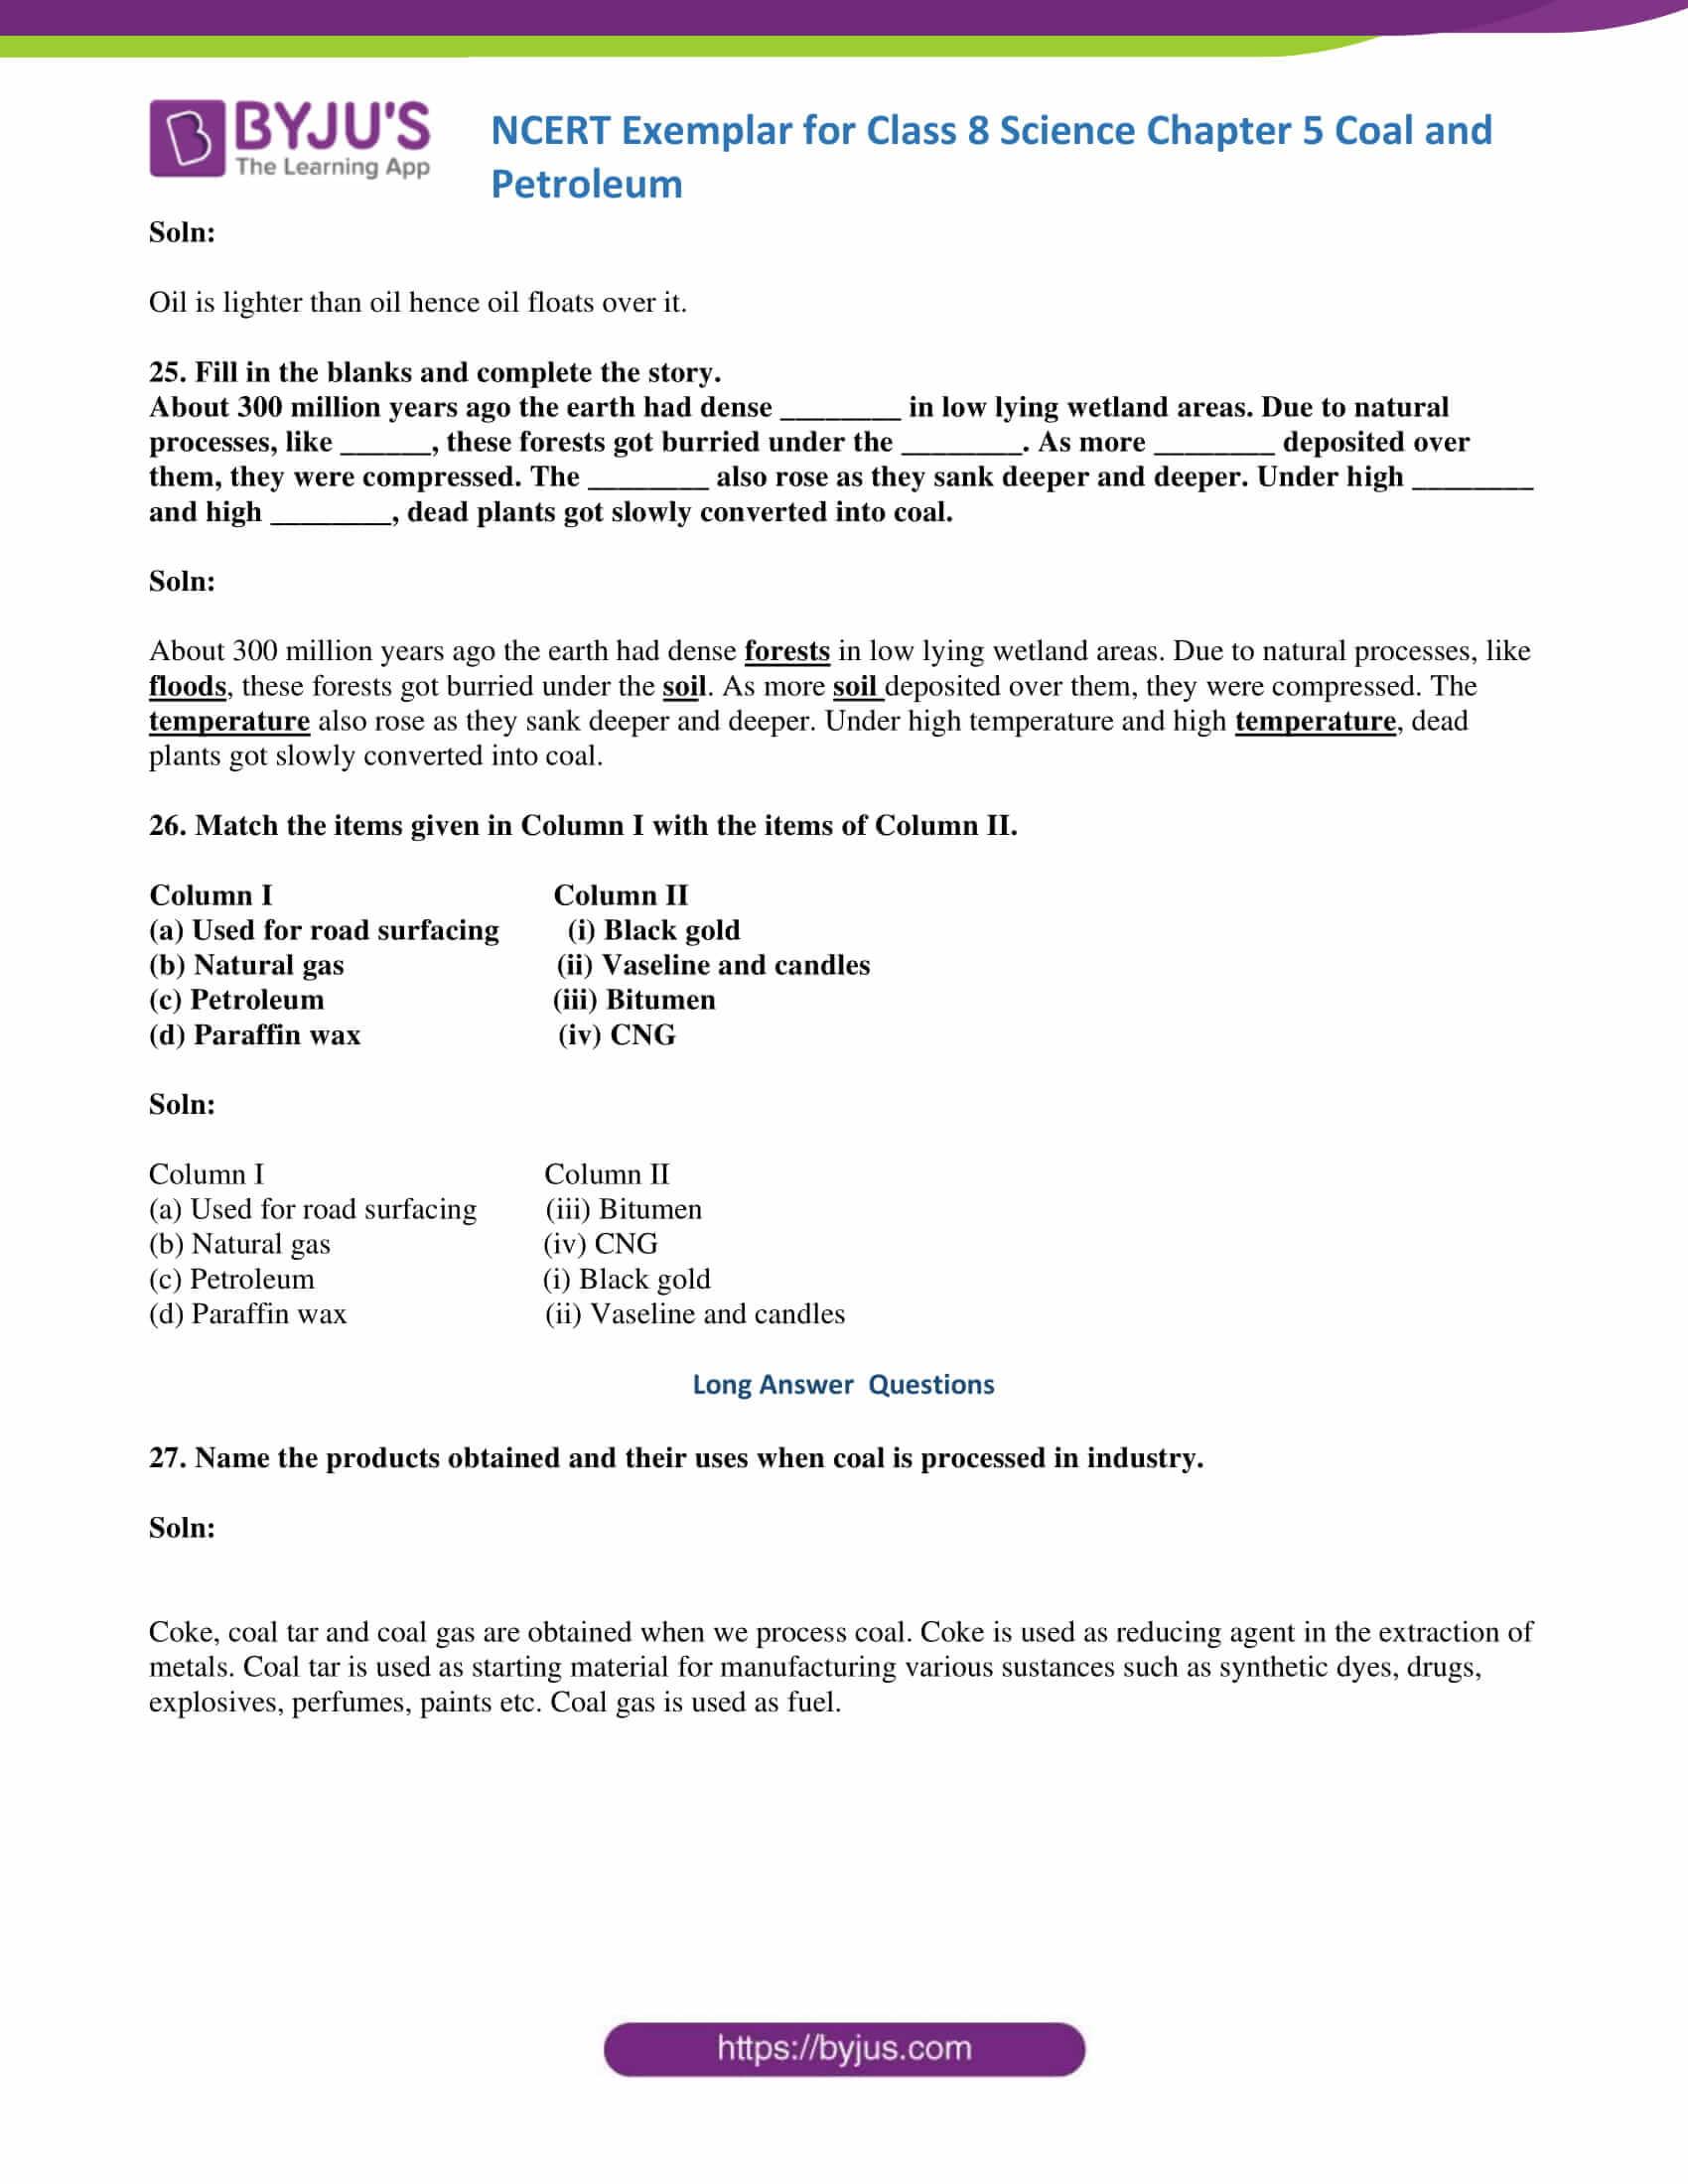 NCERT Exemplar solution class 8 Chapter 5 part 09